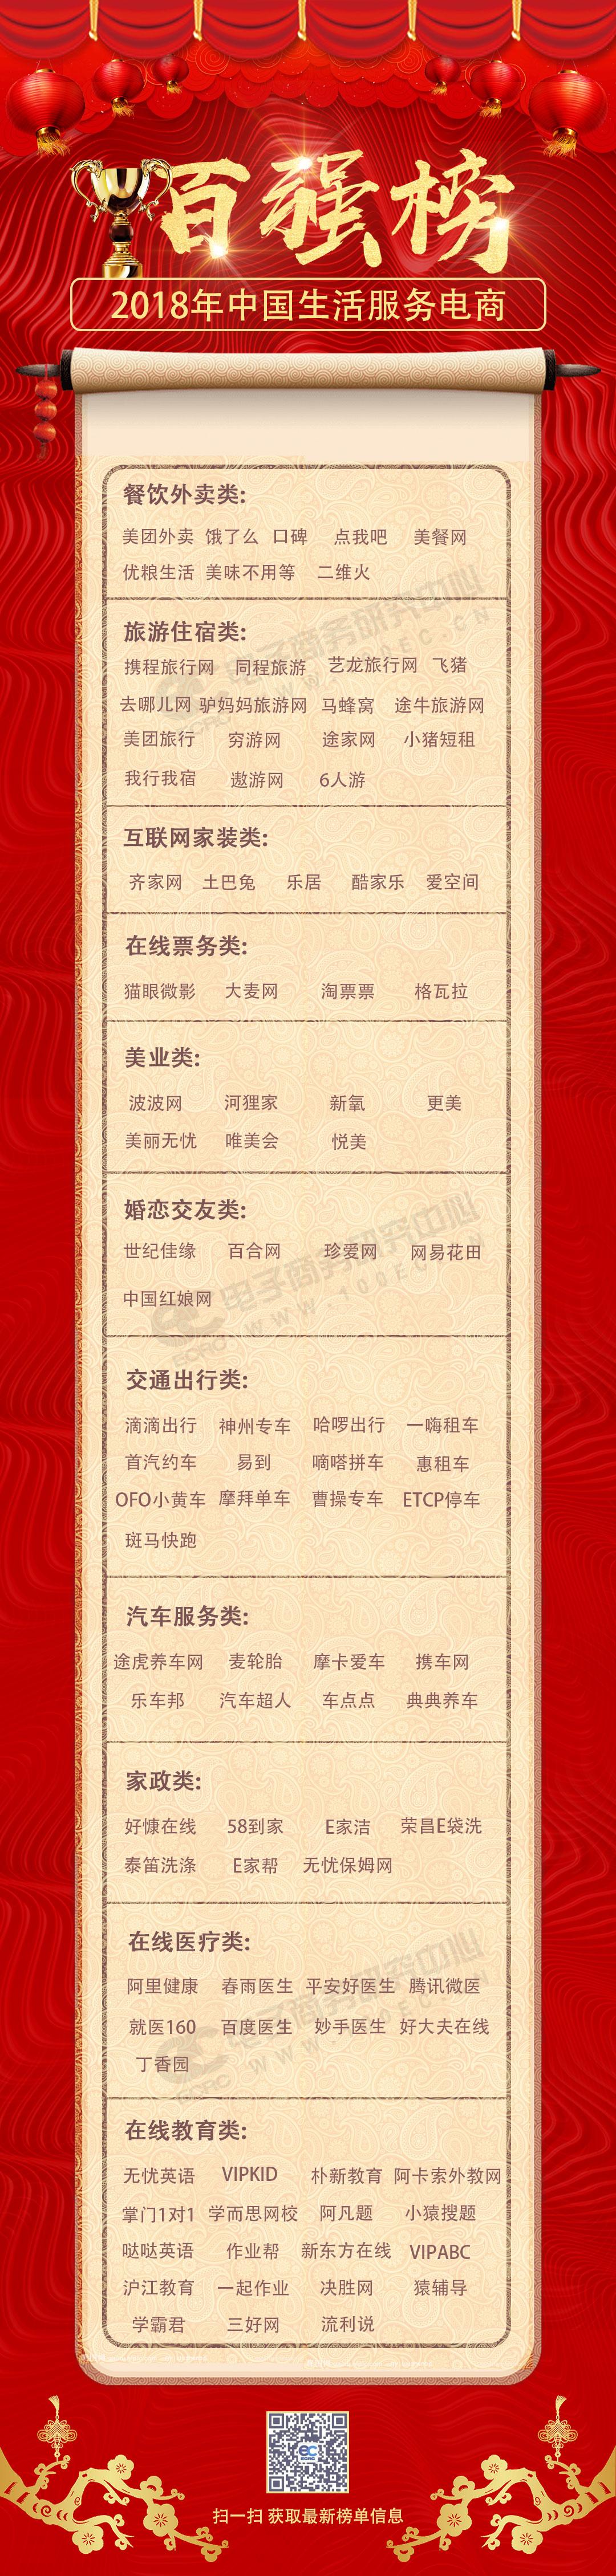 2018年度中国生活服务电商百强榜(17).jpg